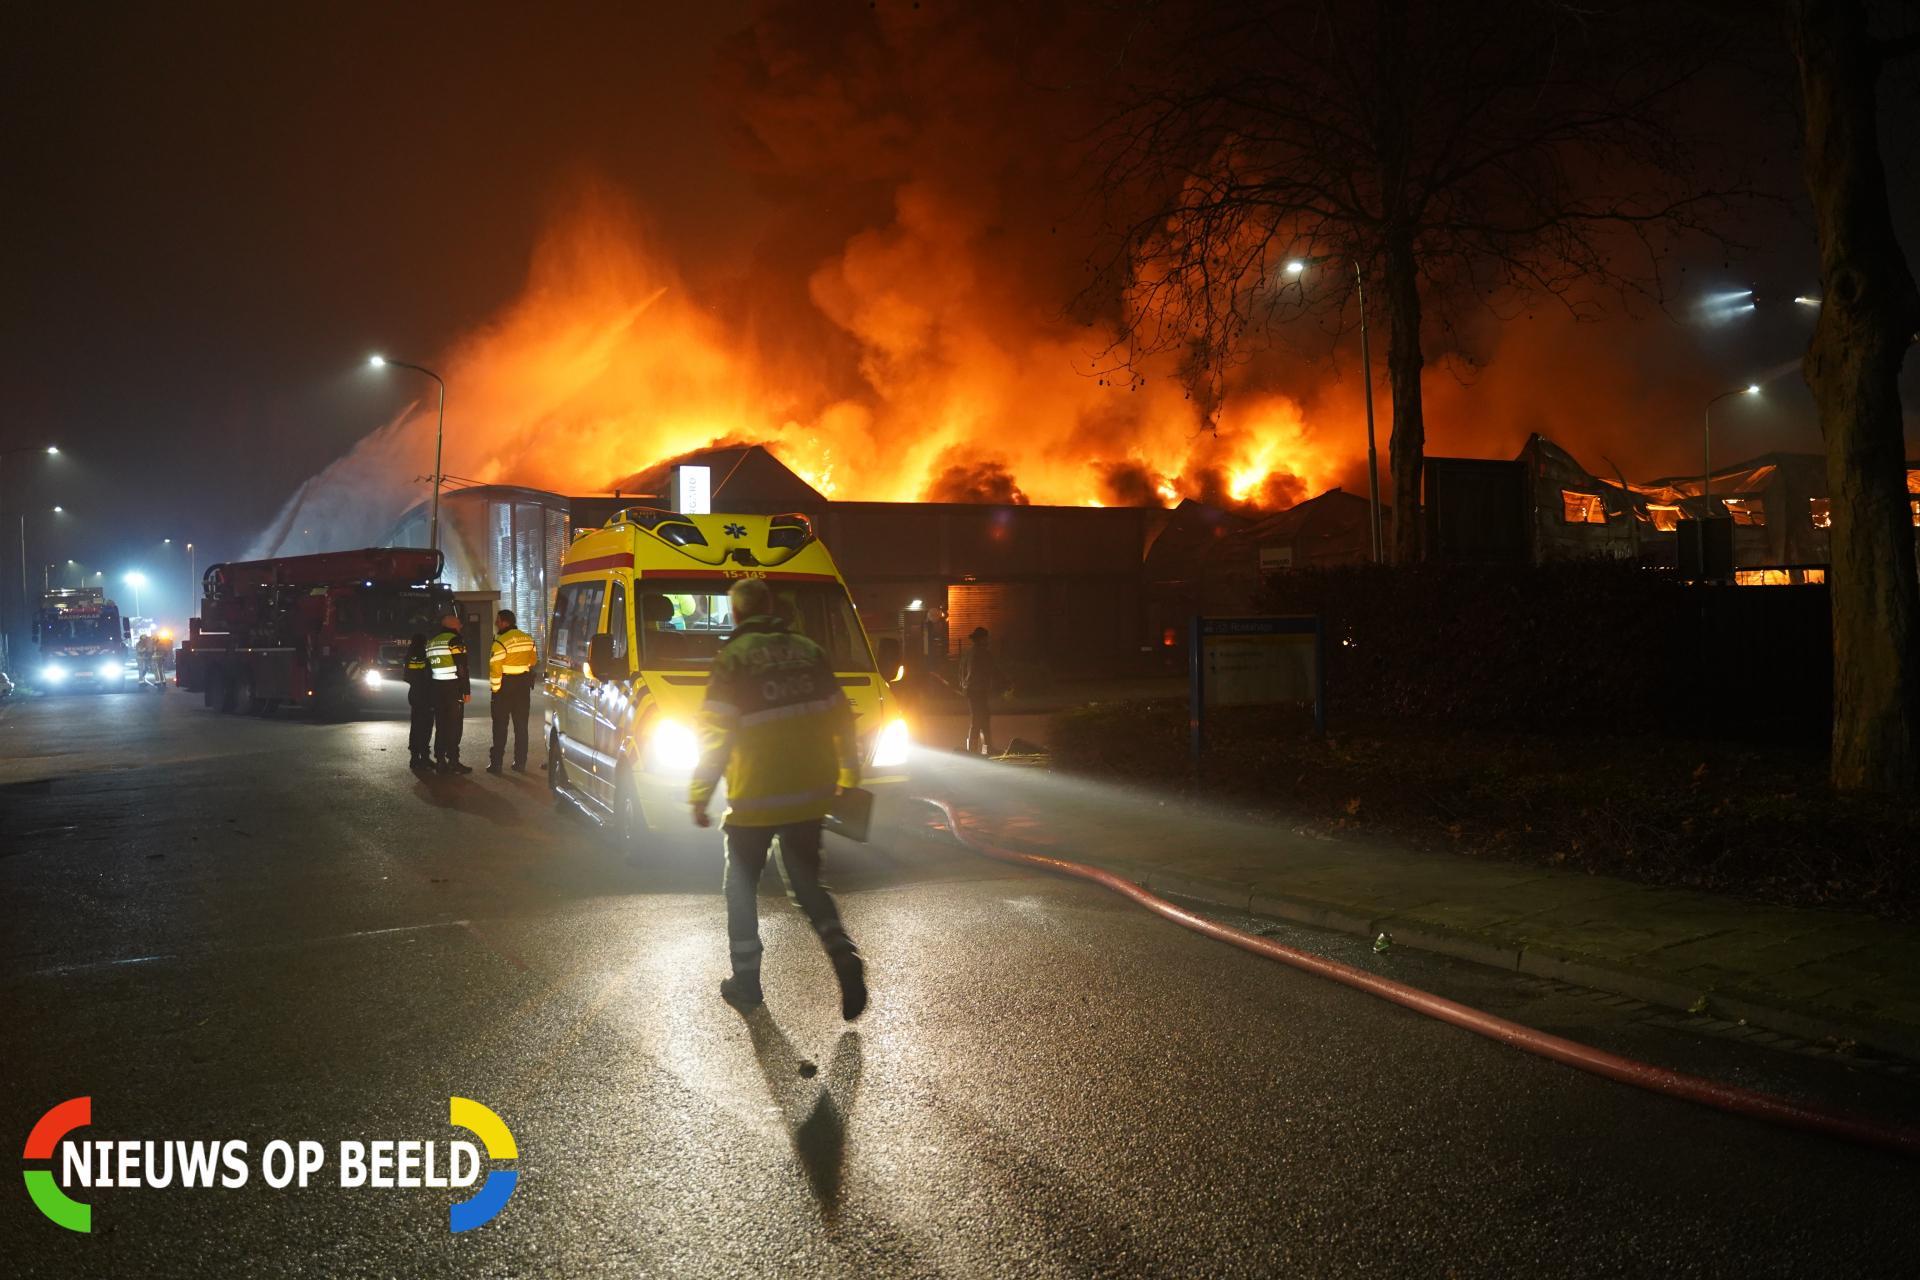 Uitslaande brand verwoest meerdere bedrijfspanden Industrieweg Zoetermeer (video)